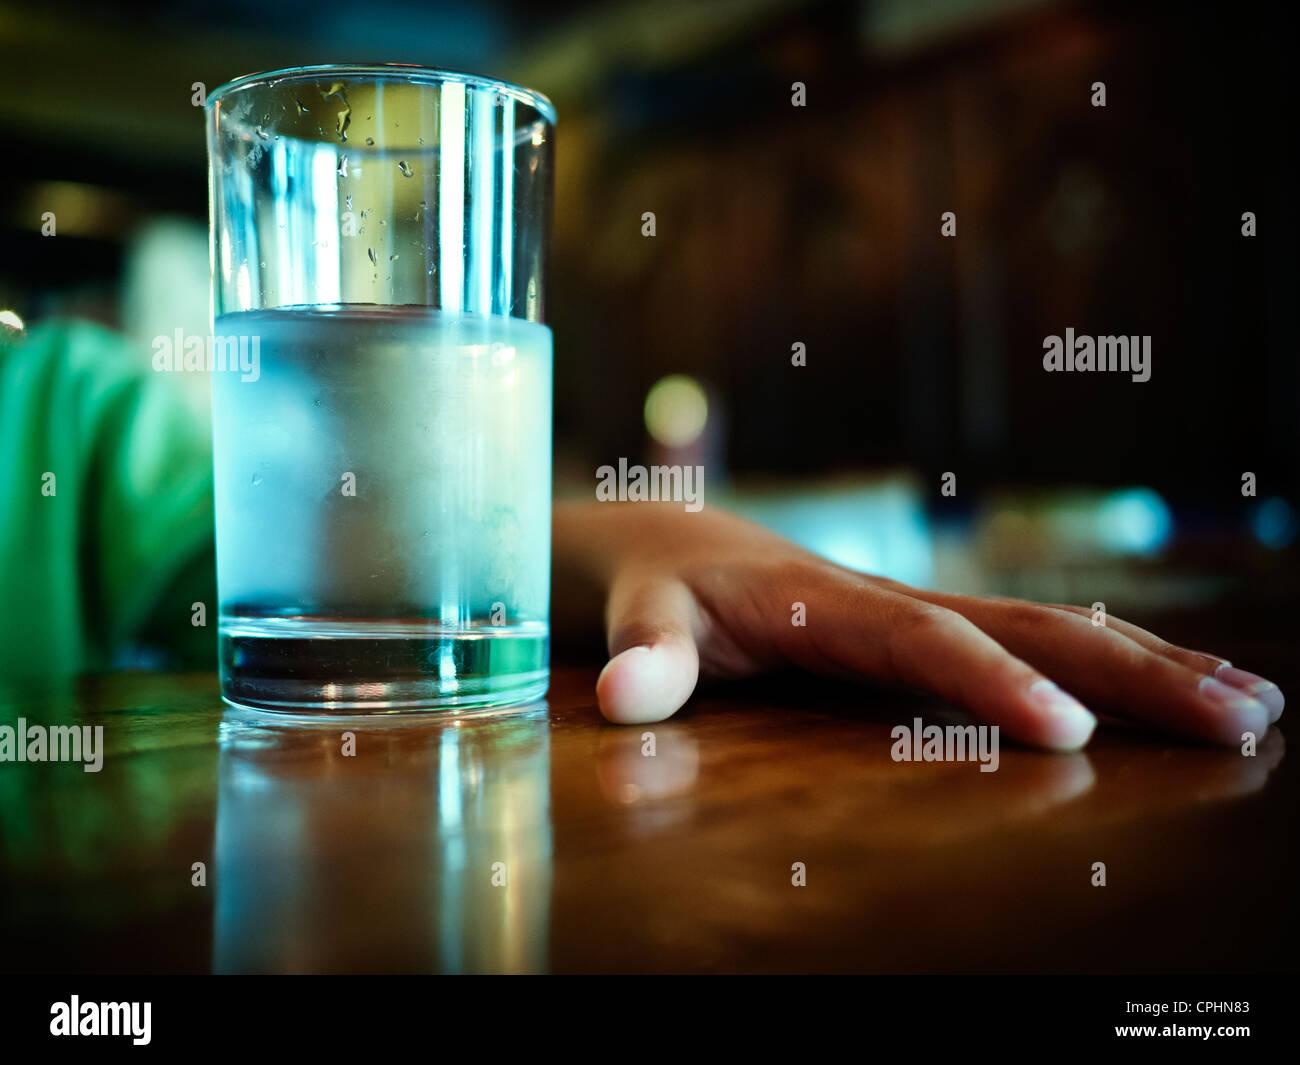 Vaso de agua helada y el chico de la mano sobre la mesa Imagen De Stock